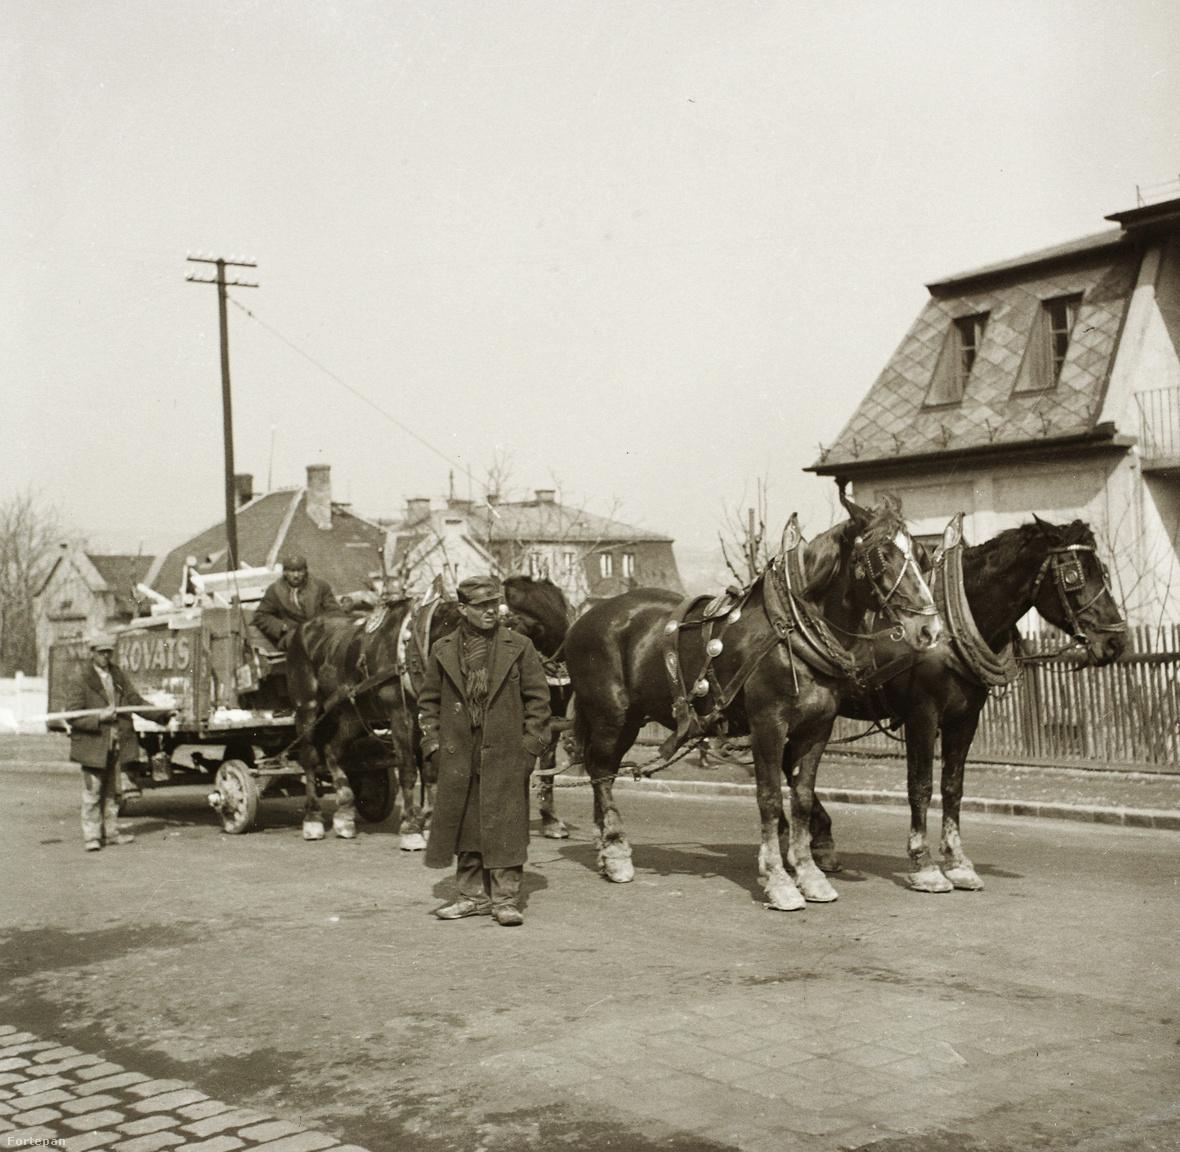 Az Ebner család 1935-ös képén érzésünk szerint ismét Budapesten                         járunk. Kováts bútor? tűzifa? építési-anyag? fuvarozó négylovas                         kocsija épp megállt. De hol?